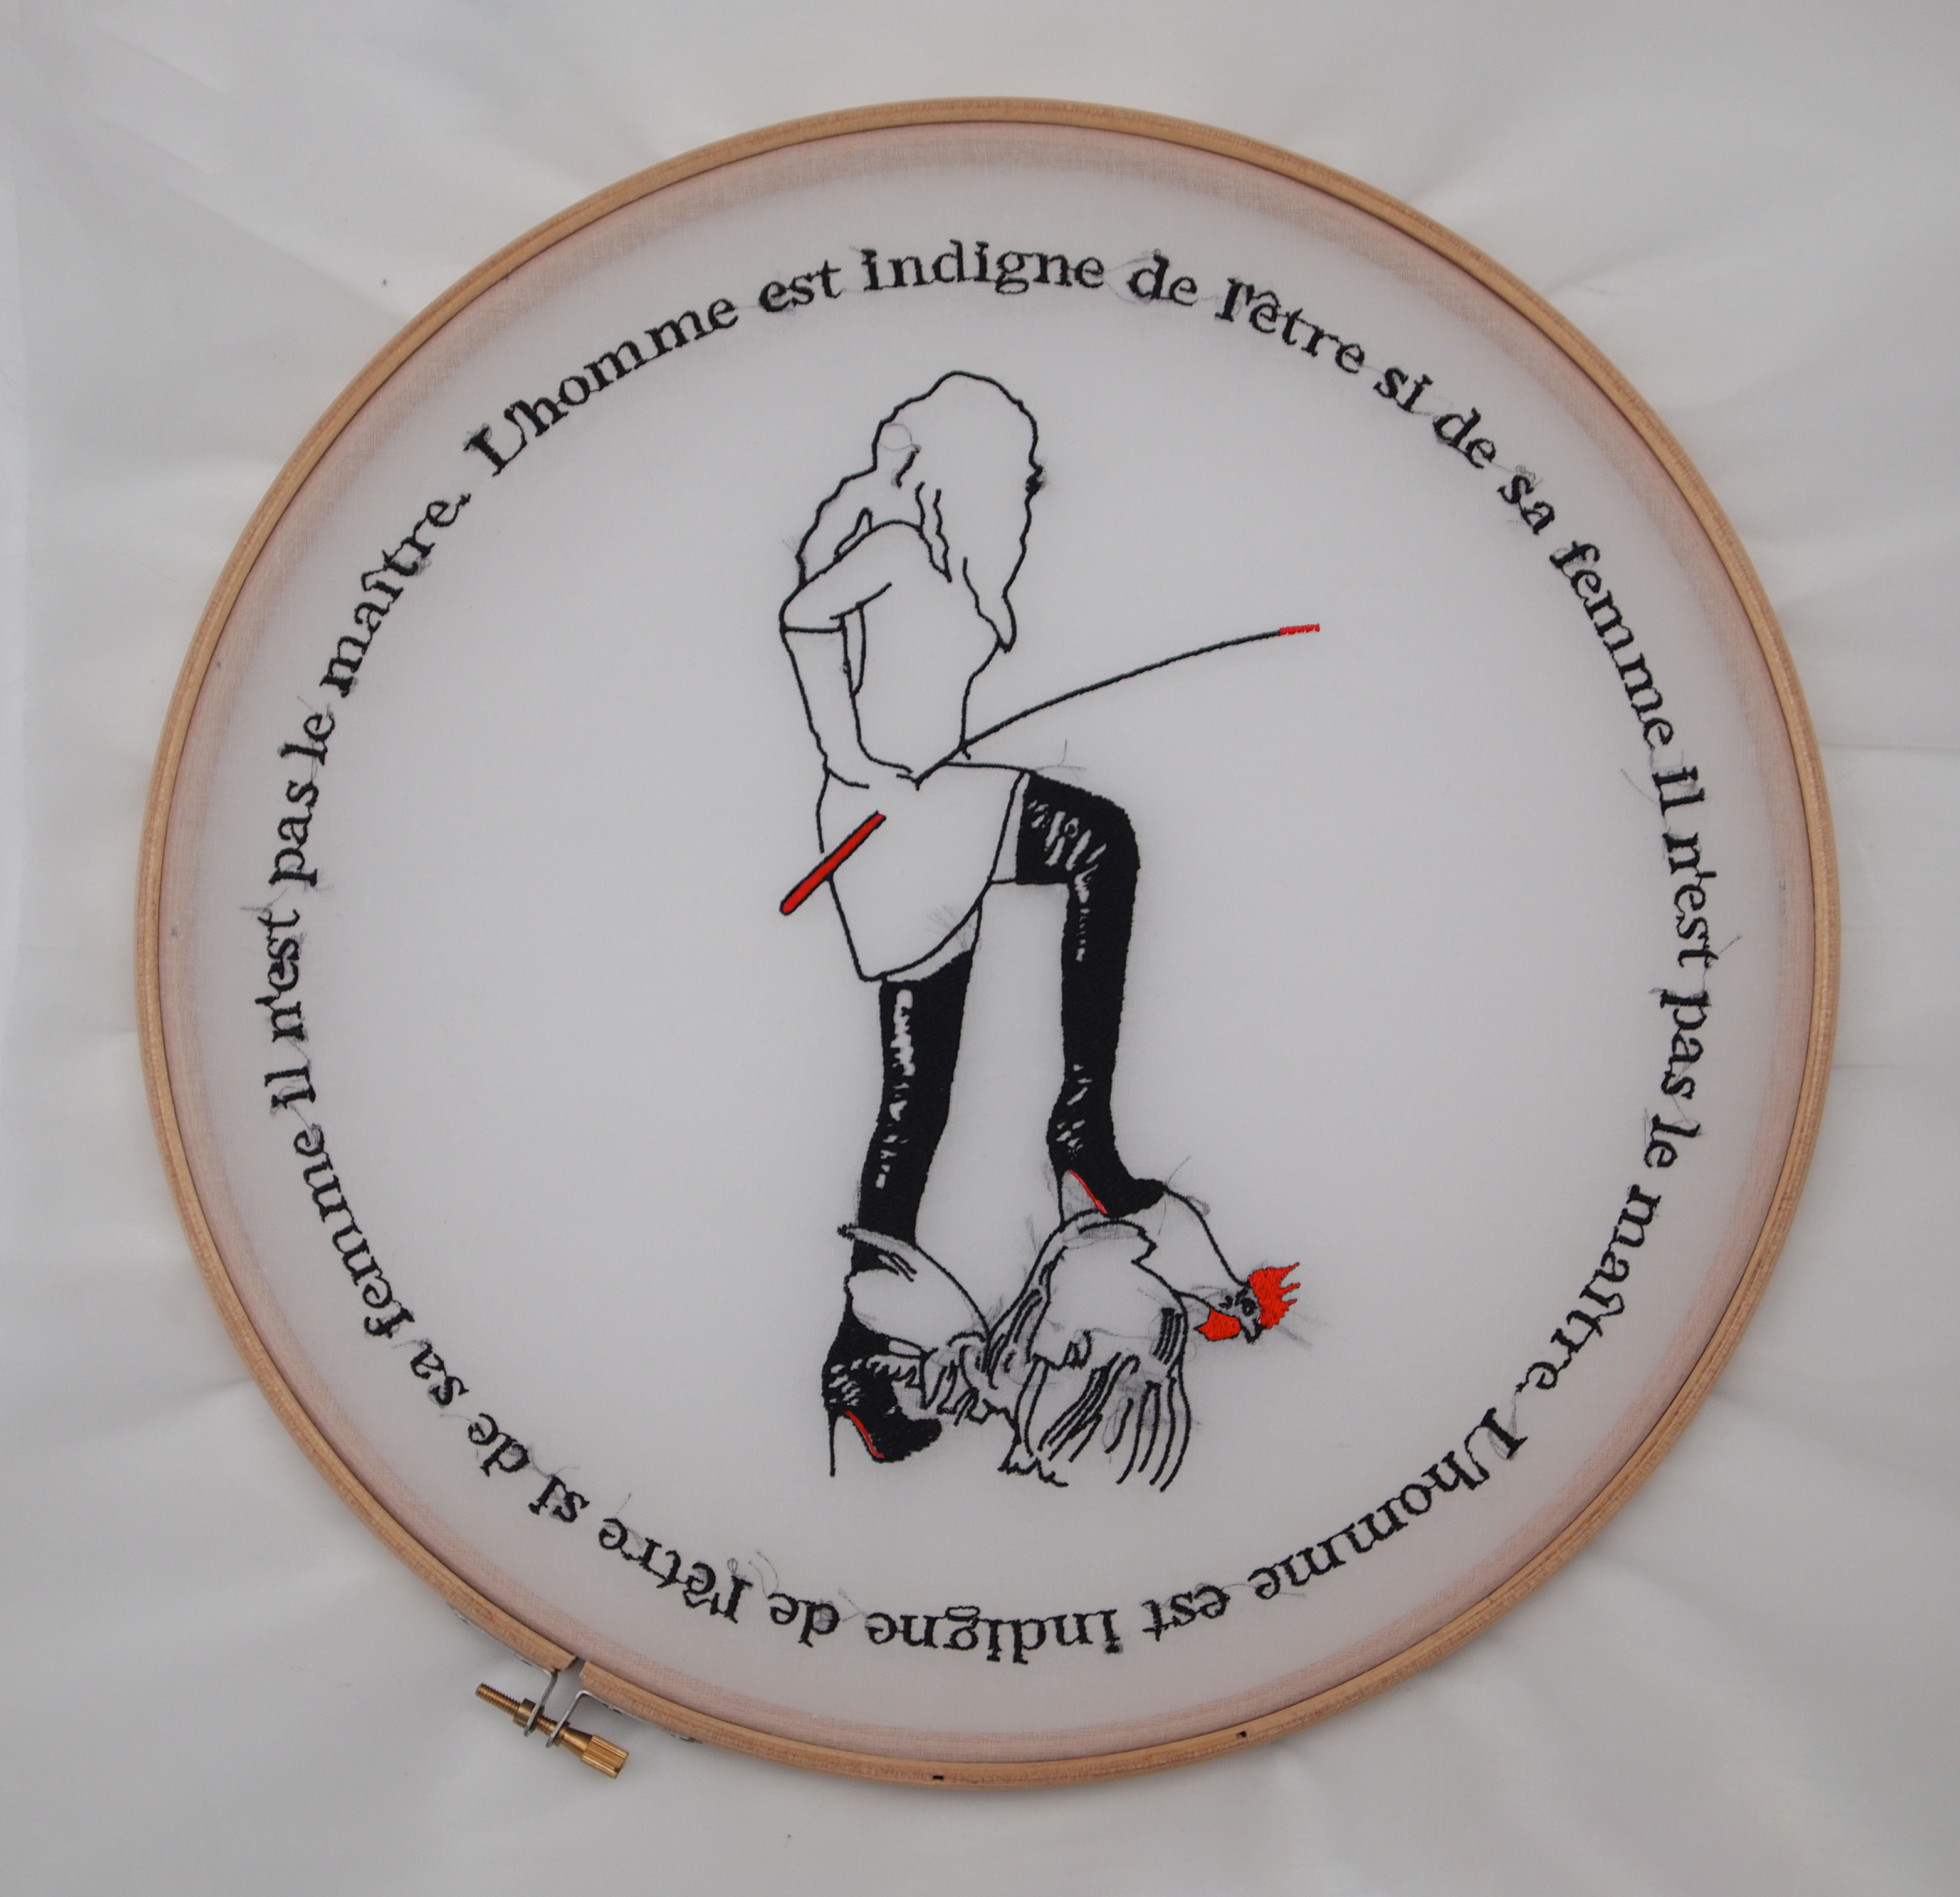 Les proverbes français, 2016. Broderie mécanique. 50x50 cm